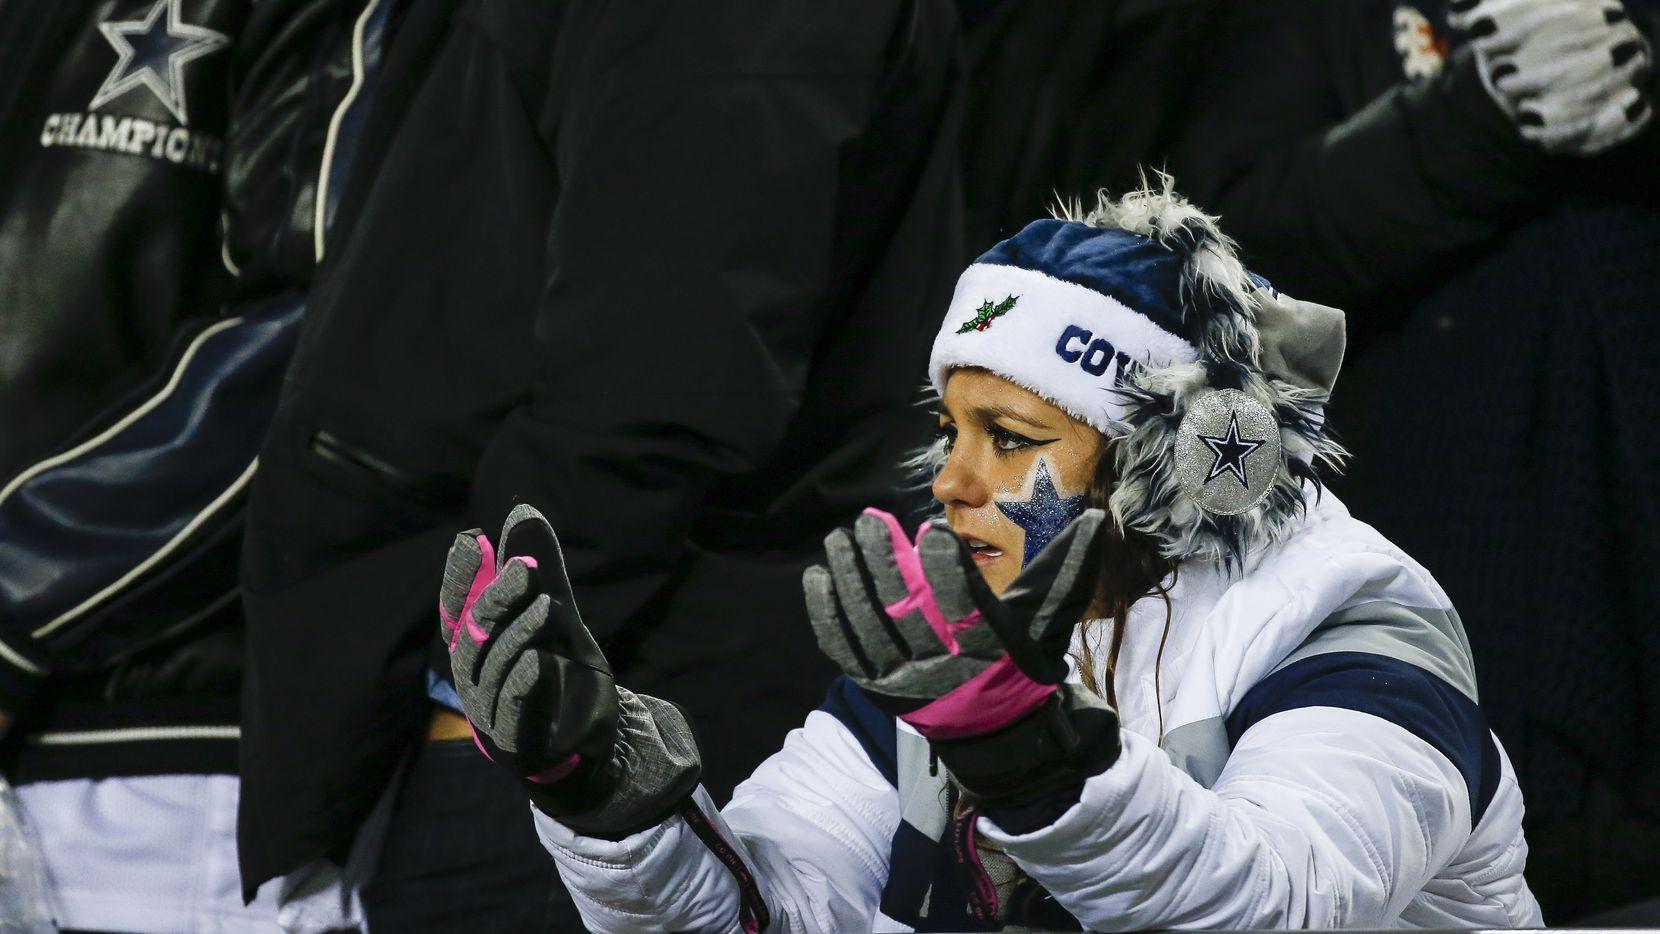 Los aficionados de los Dallas Cowboys esperan que su equipo rompa la racha de tres derrotas consecutivas cuando el domingo reciban a los Rams de Los ángeles en el AT&T Stadium de Arlington.